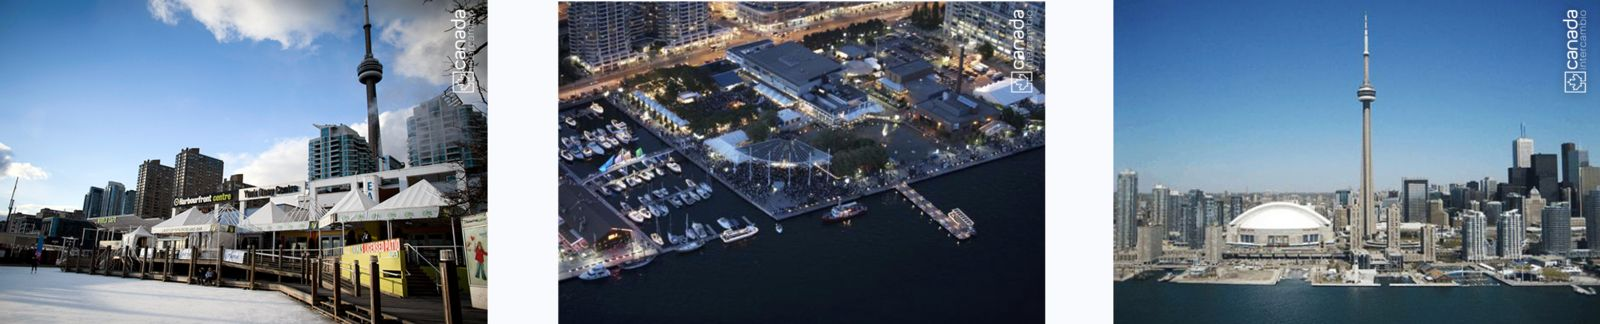 Harbourfront. Toronto